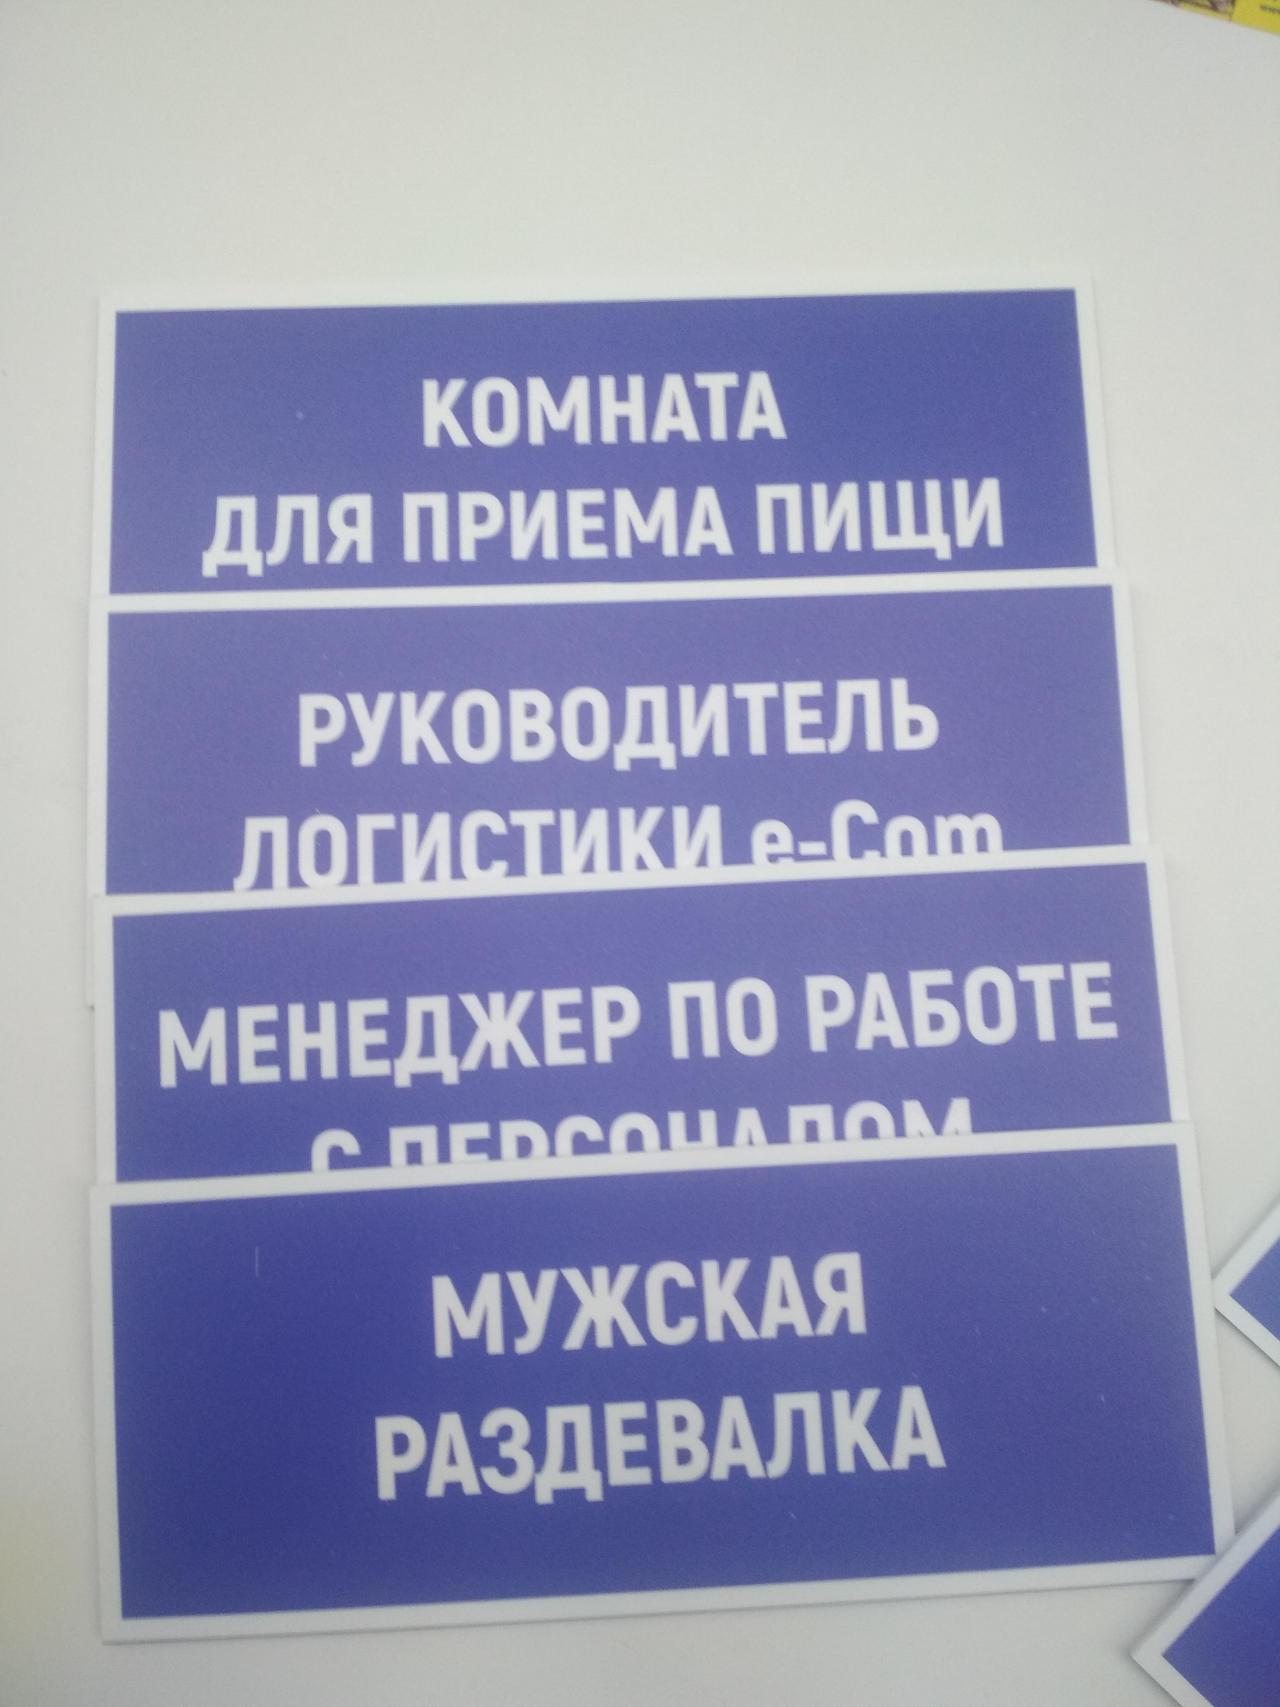 Таблички